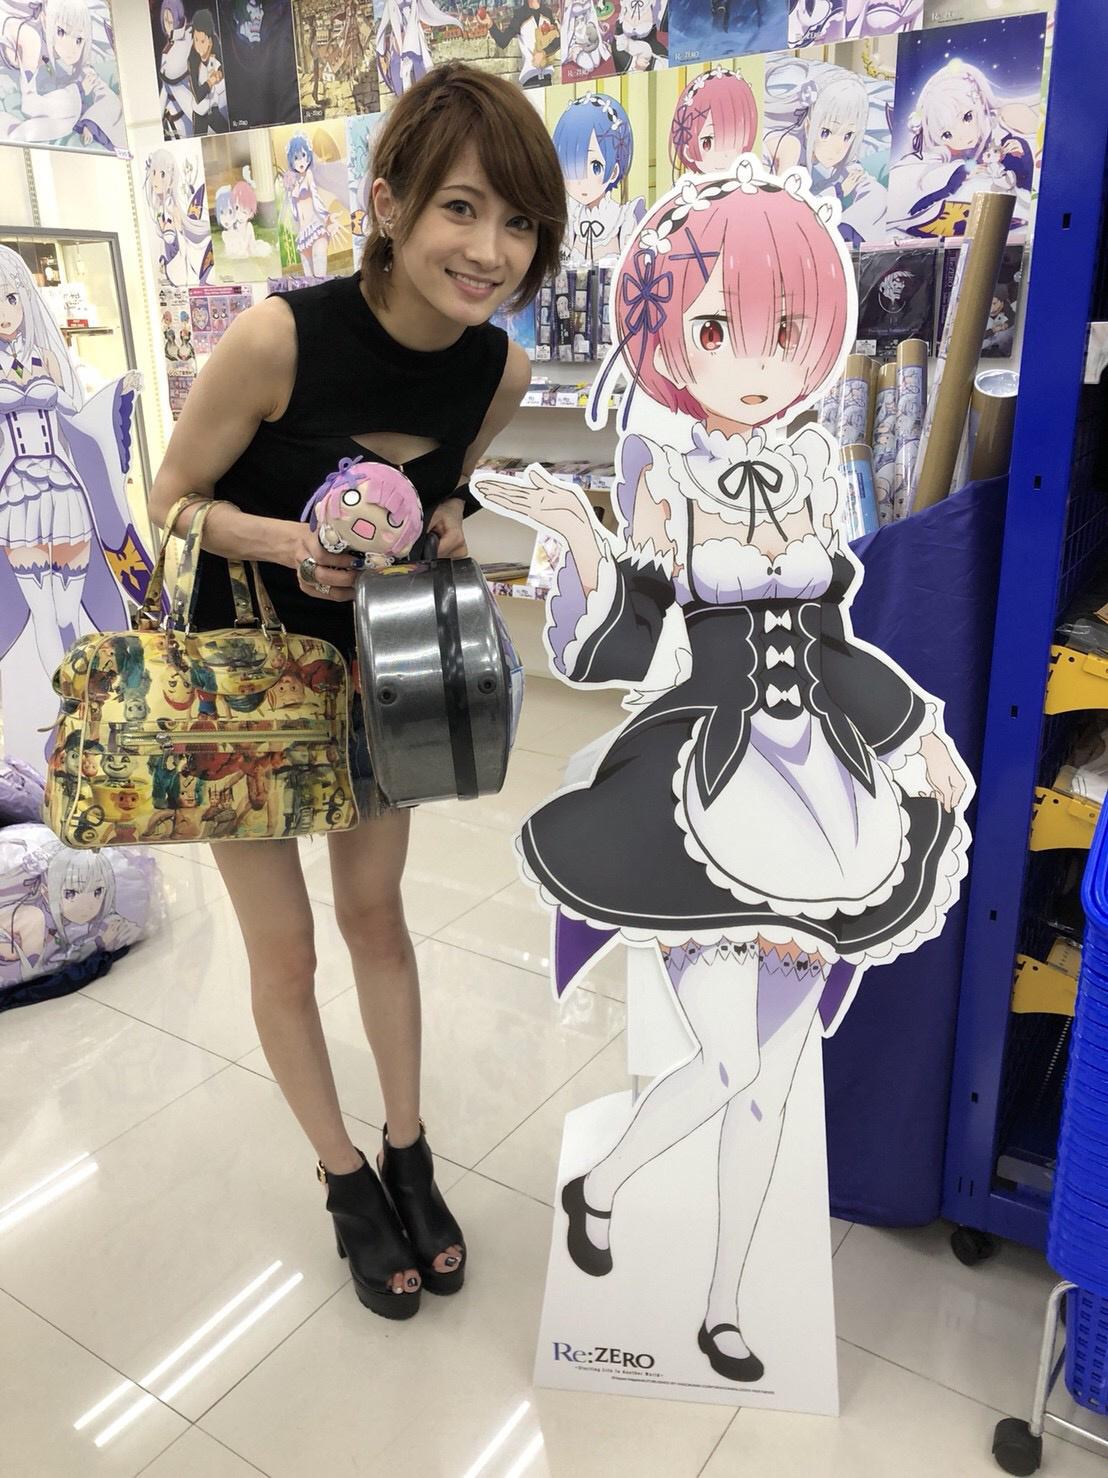 超高分小提琴演奏家Ayasa绚沙!